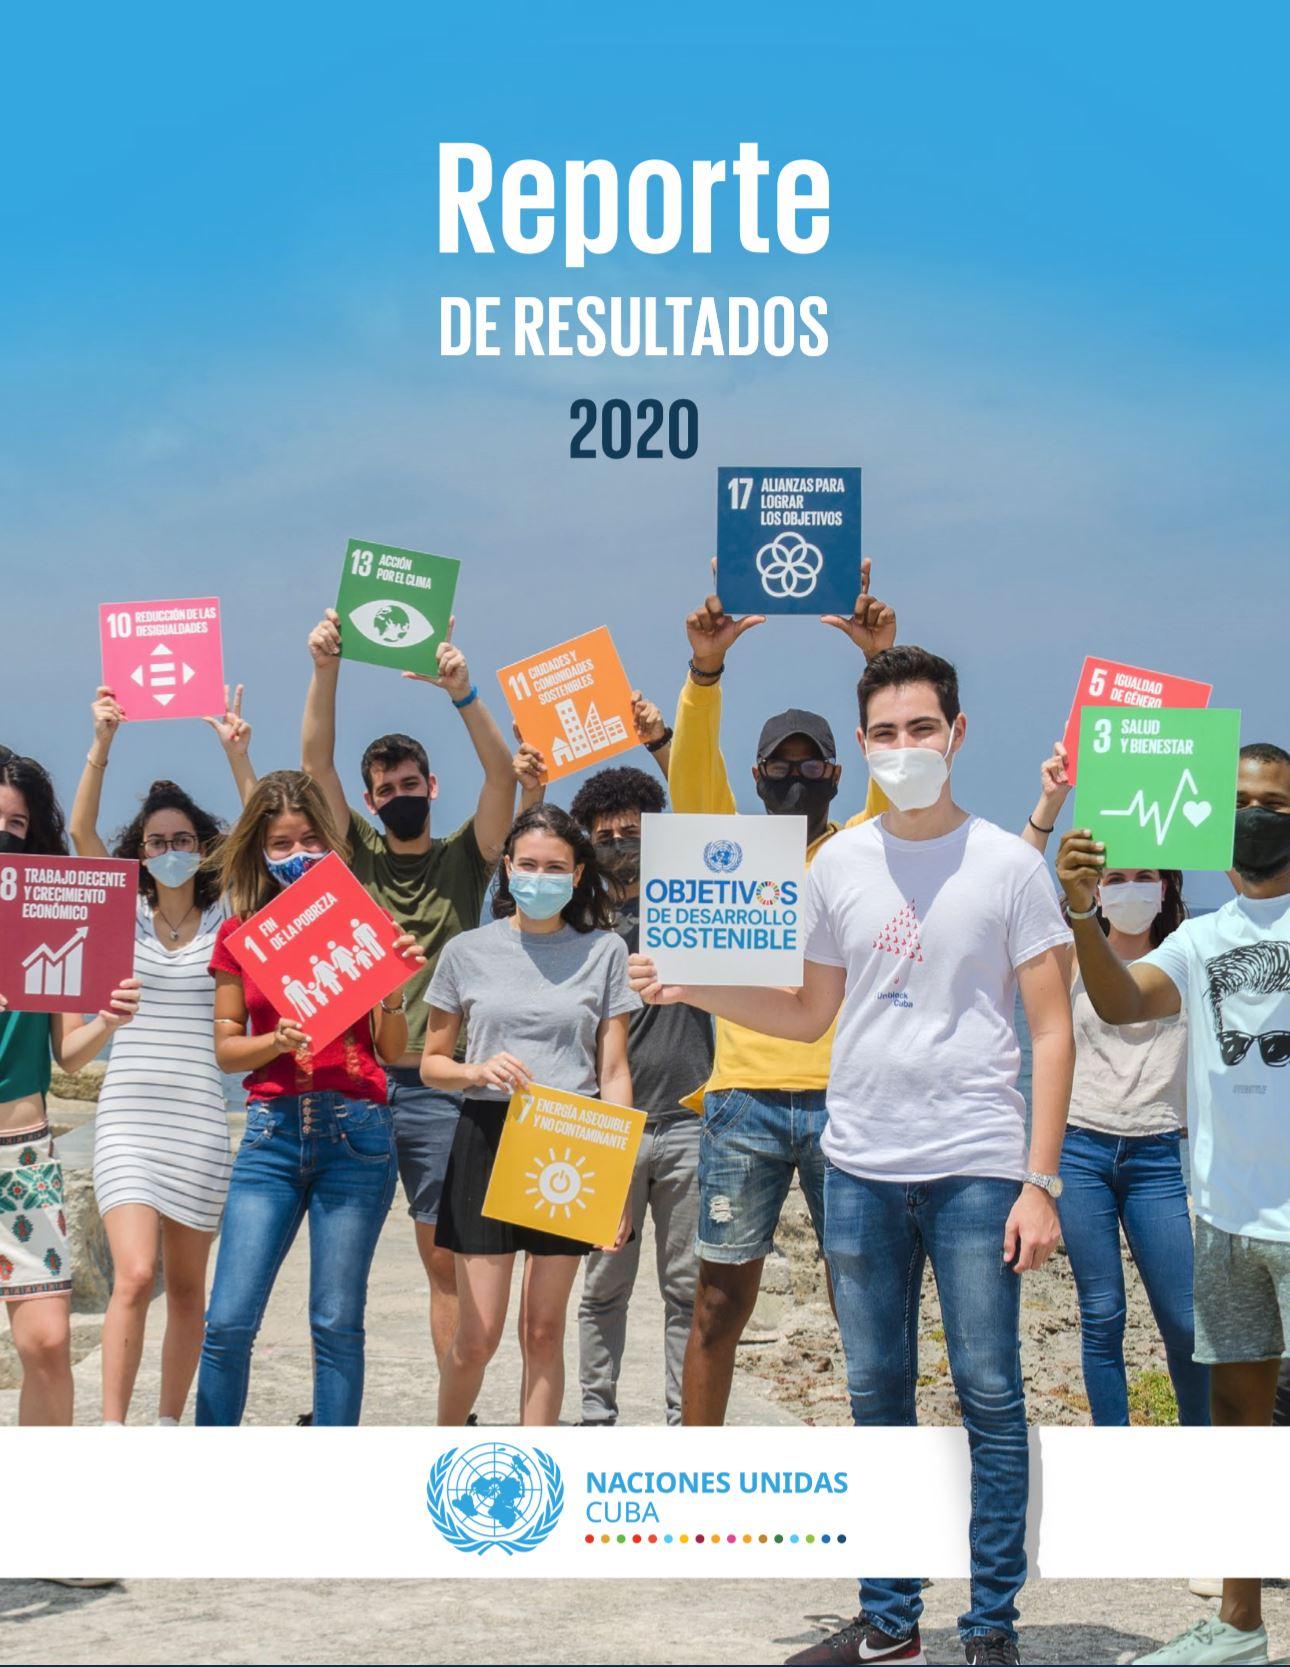 ONU Cuba en 2020: Reporte de Resultados